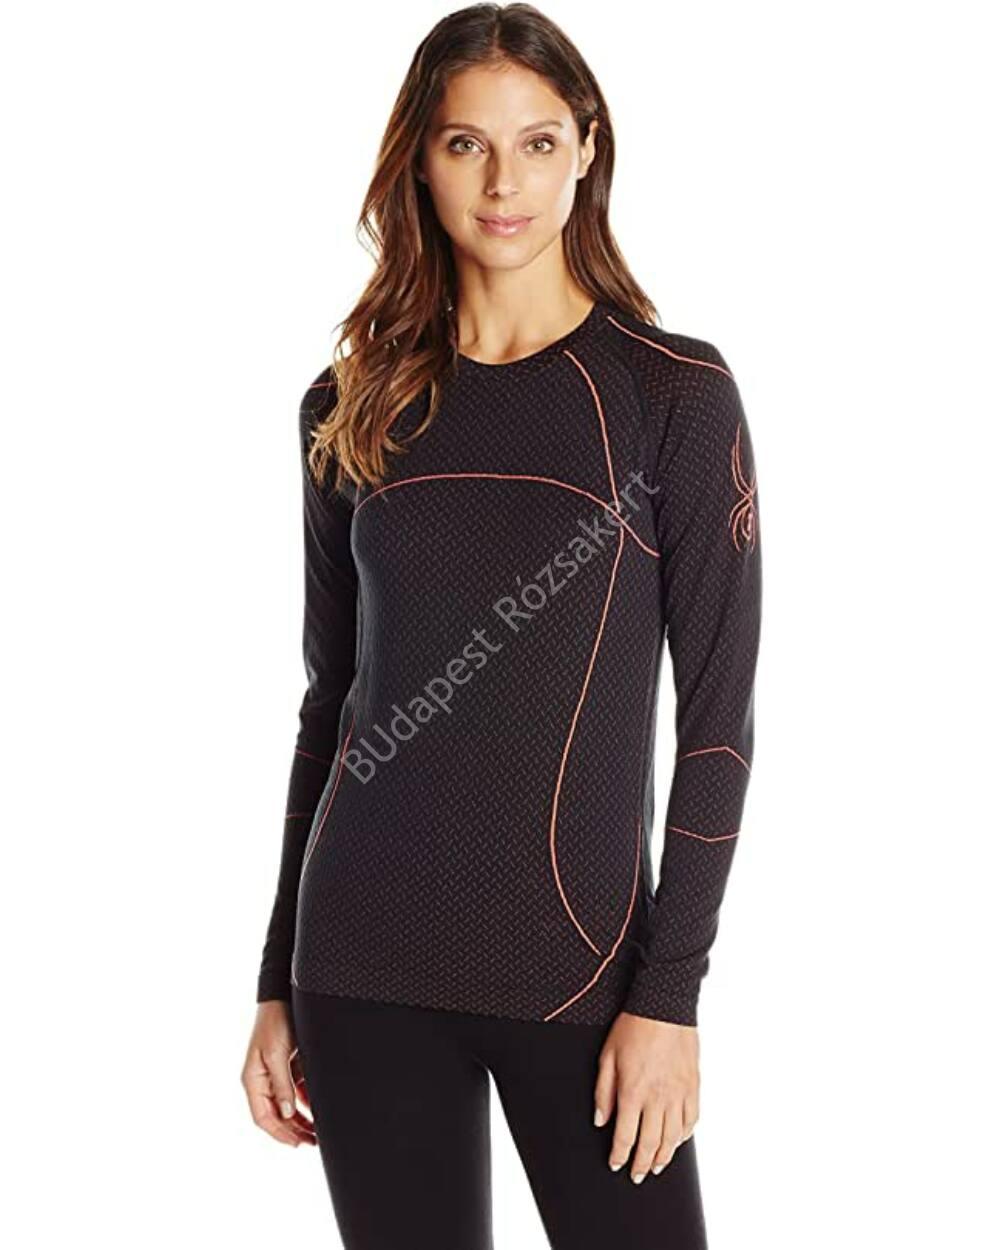 Spyder Olympian X-tatic antibakteriális női aláöltözet szett, fekete